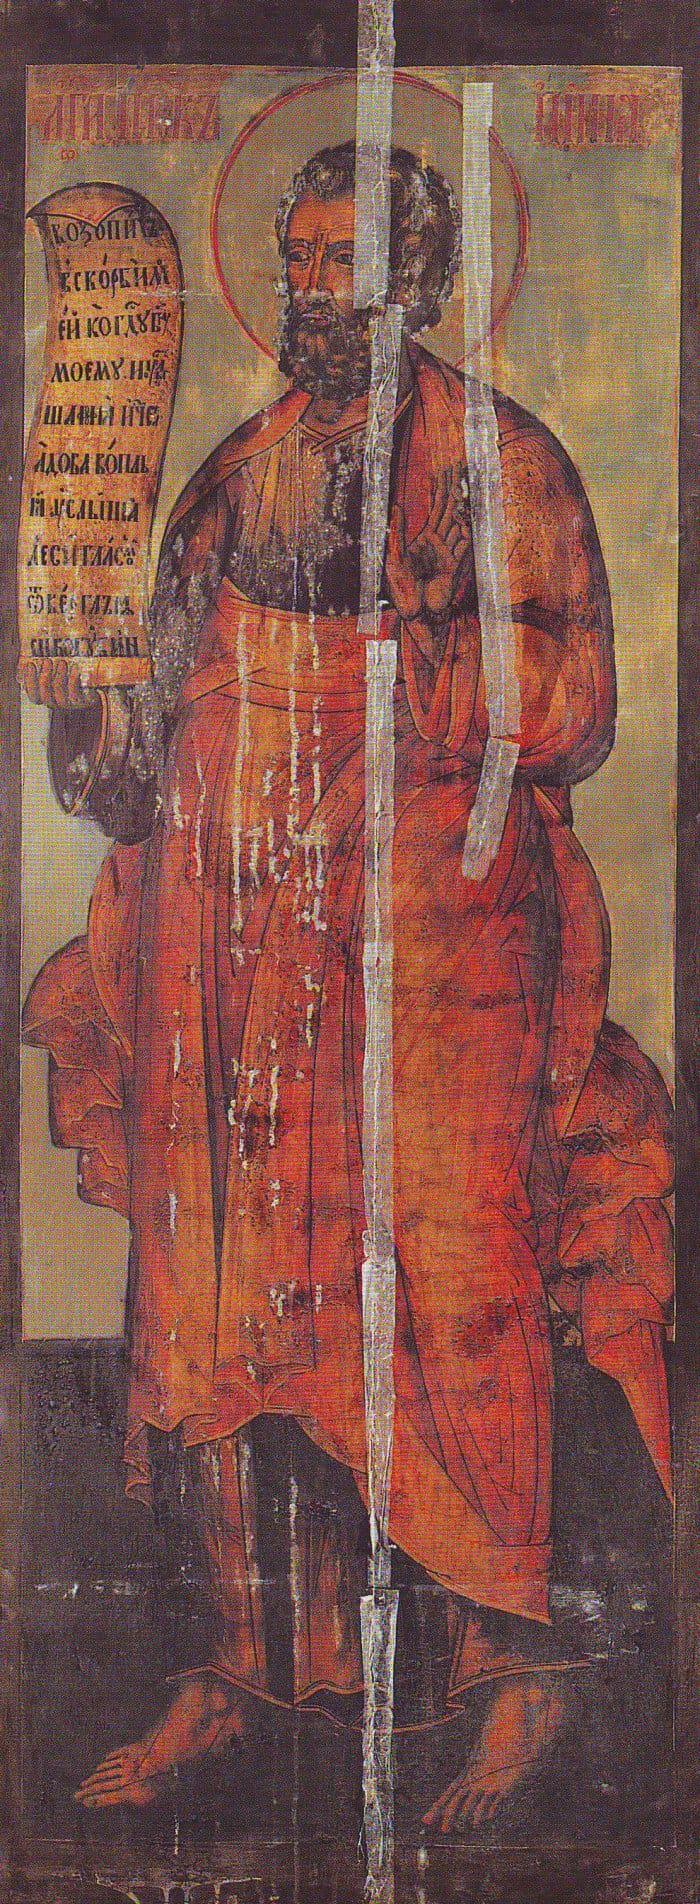 Иона пророк. Россия. Москва. XVII в. Московский Кремль. Вознесенский монастырь. Иконостас (1)